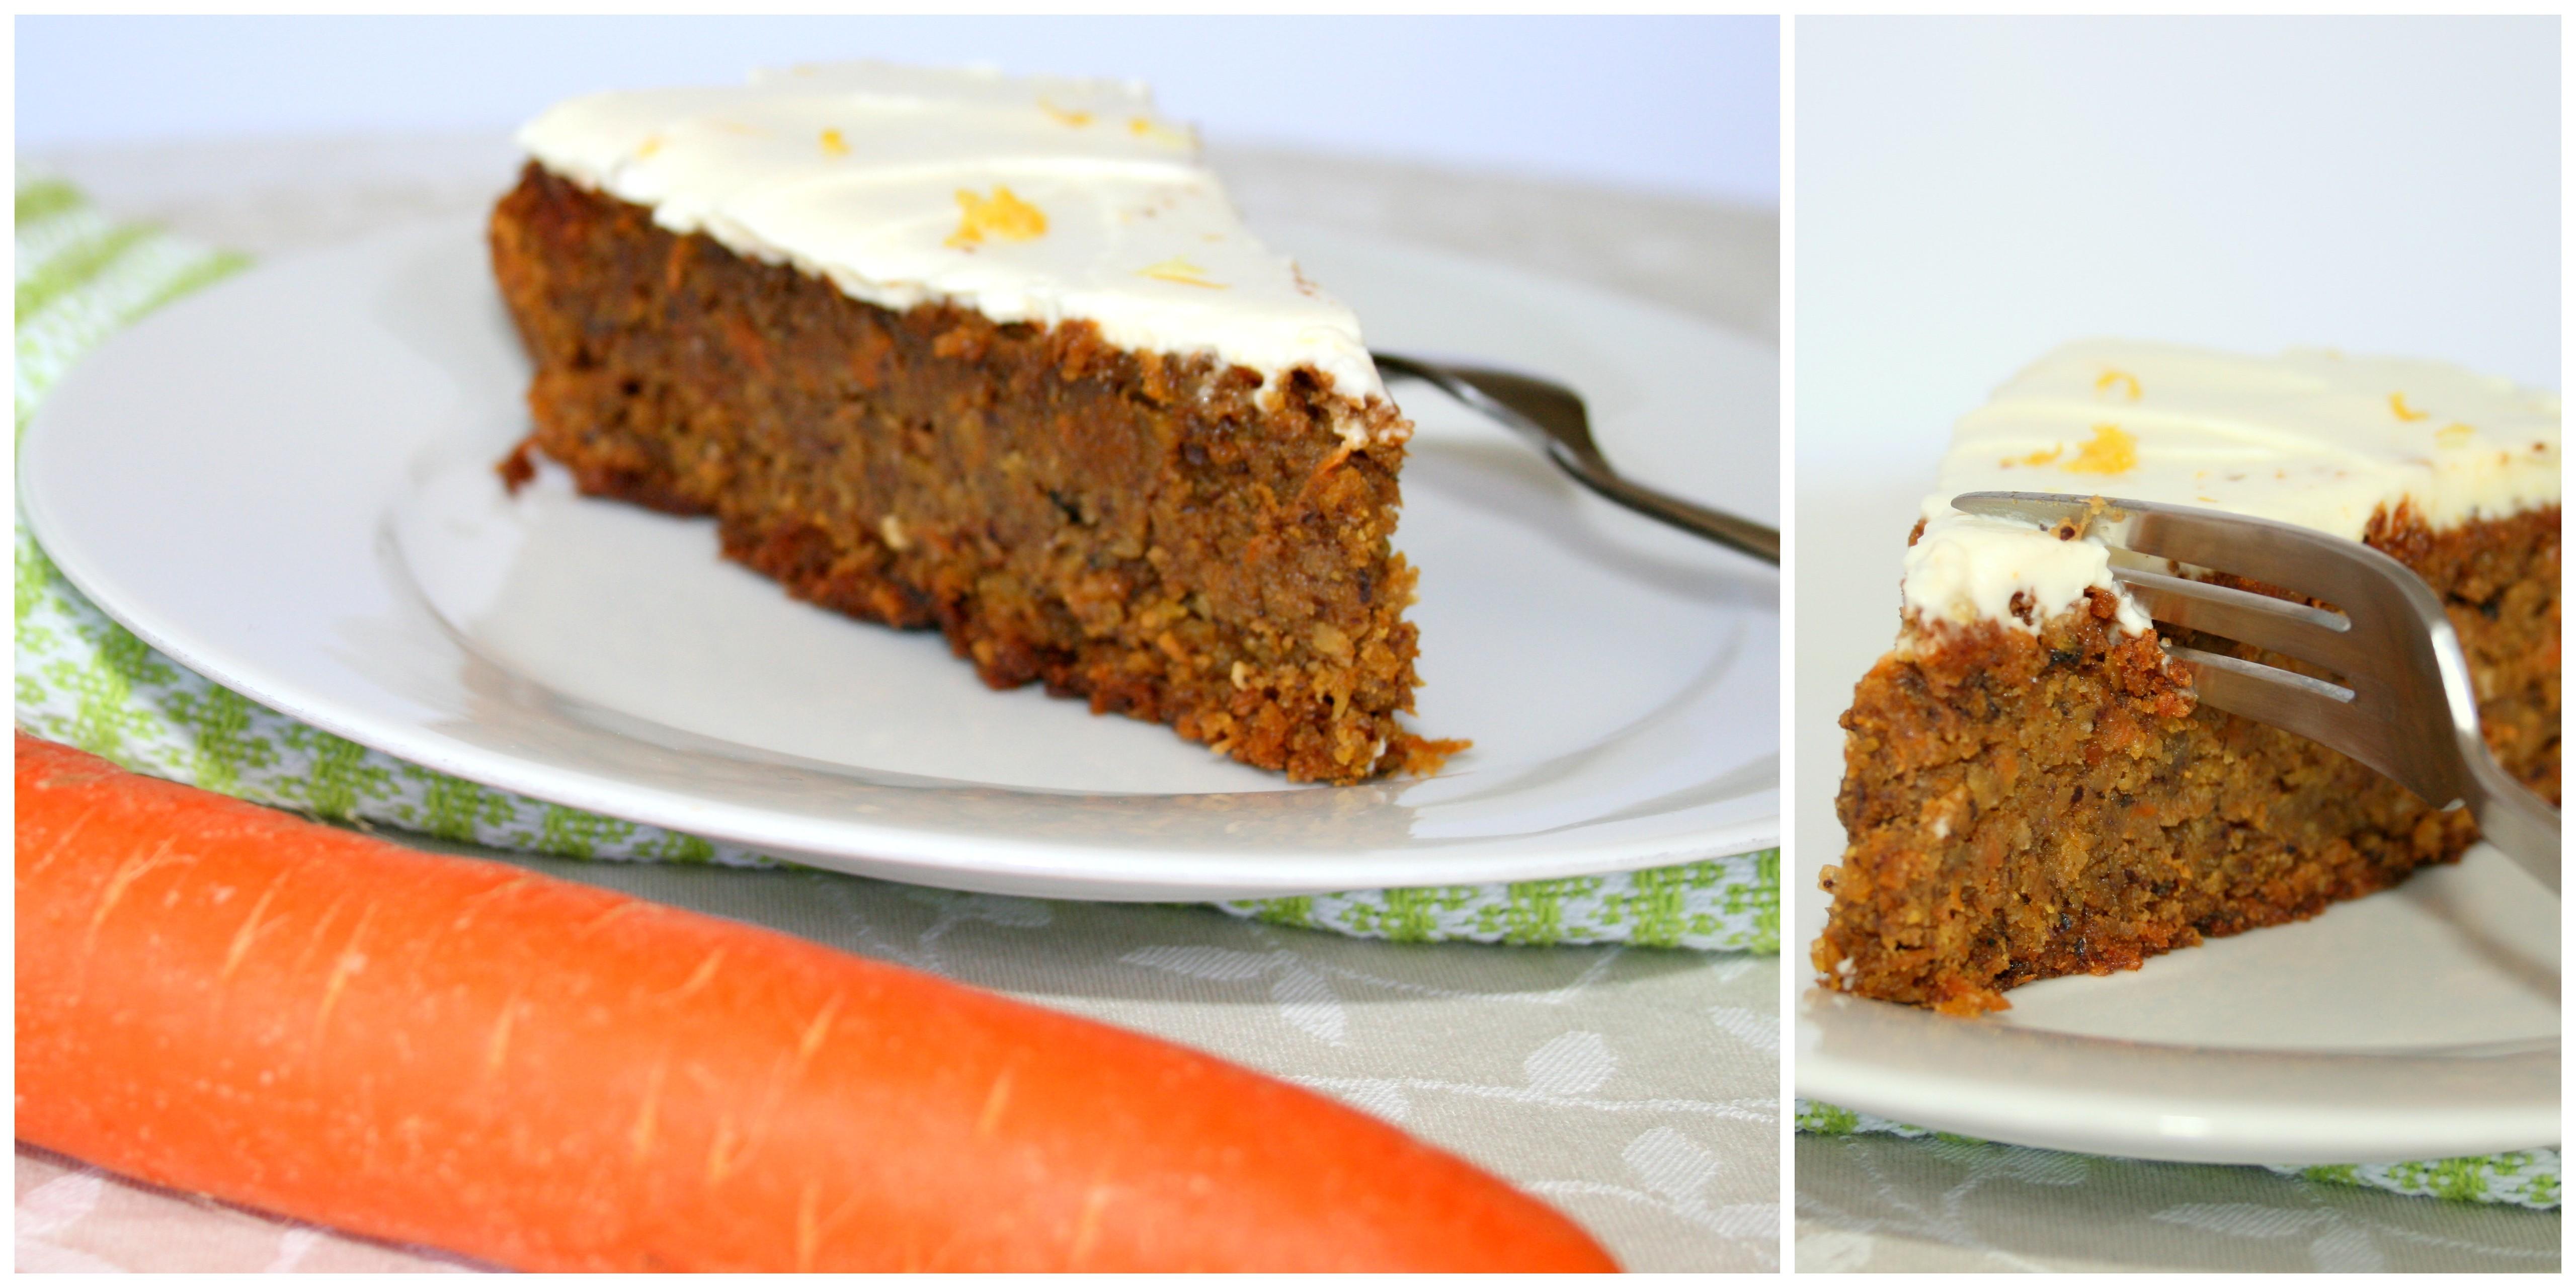 Kuchen Mit Foto kuchen karotten haselnusse beliebte rezepte für kuchen und gebäck foto